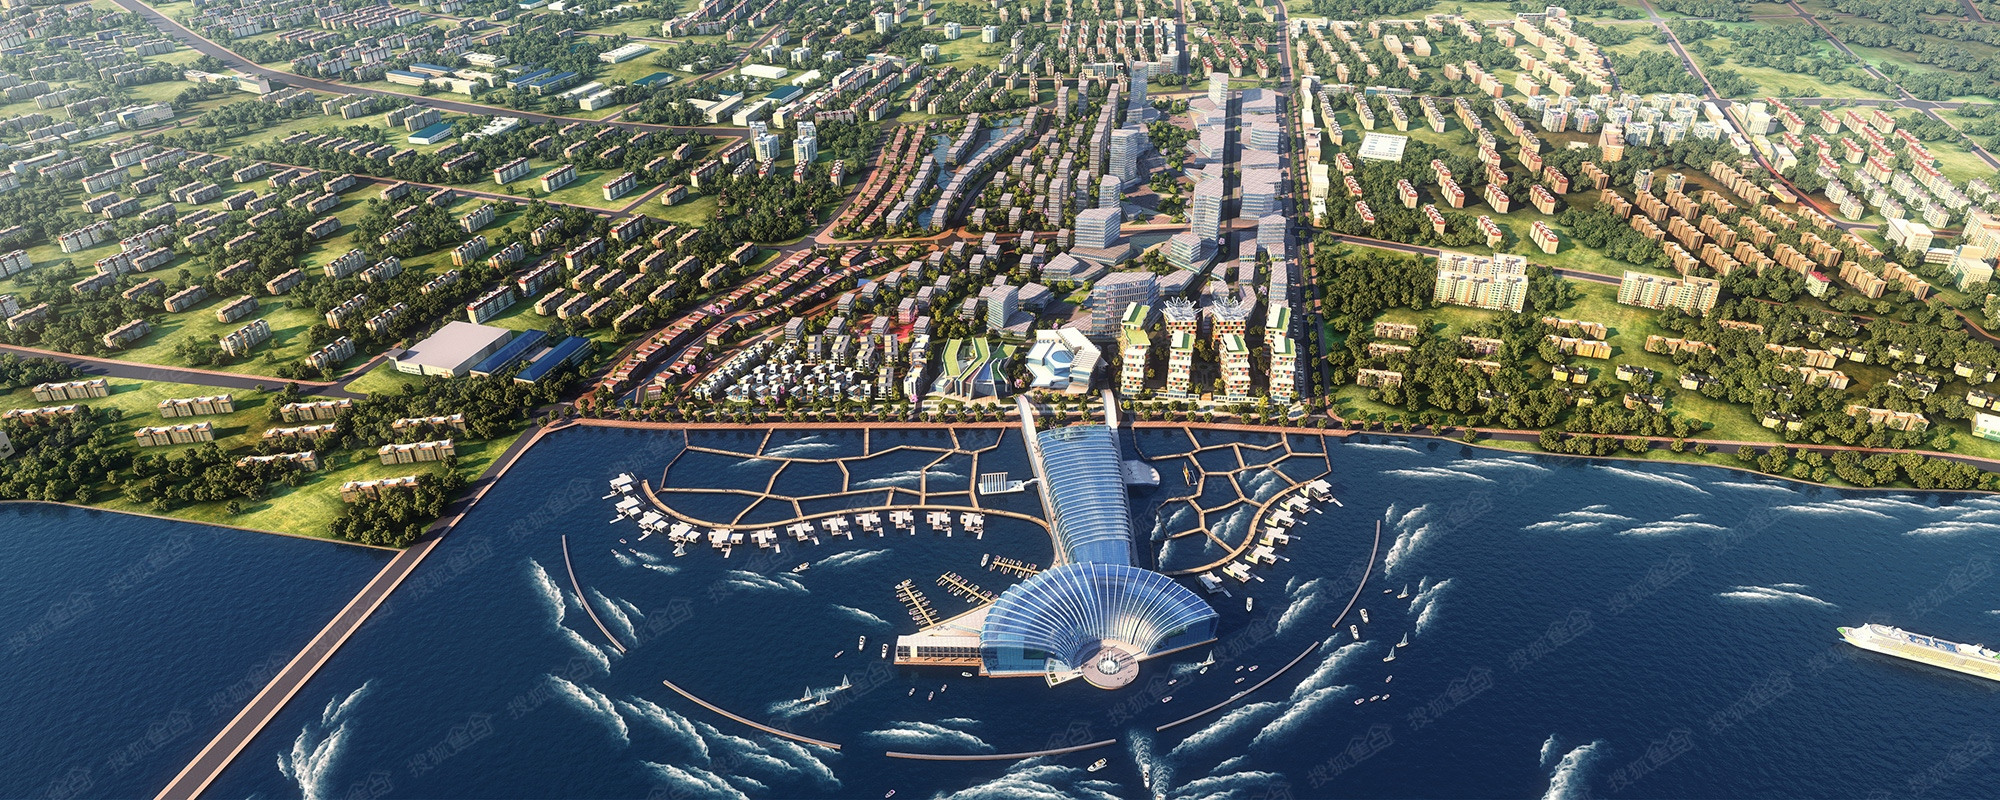 5元/m/月 开发商青岛中纺亿联开发投资有限公司 物业公司北京金地格林